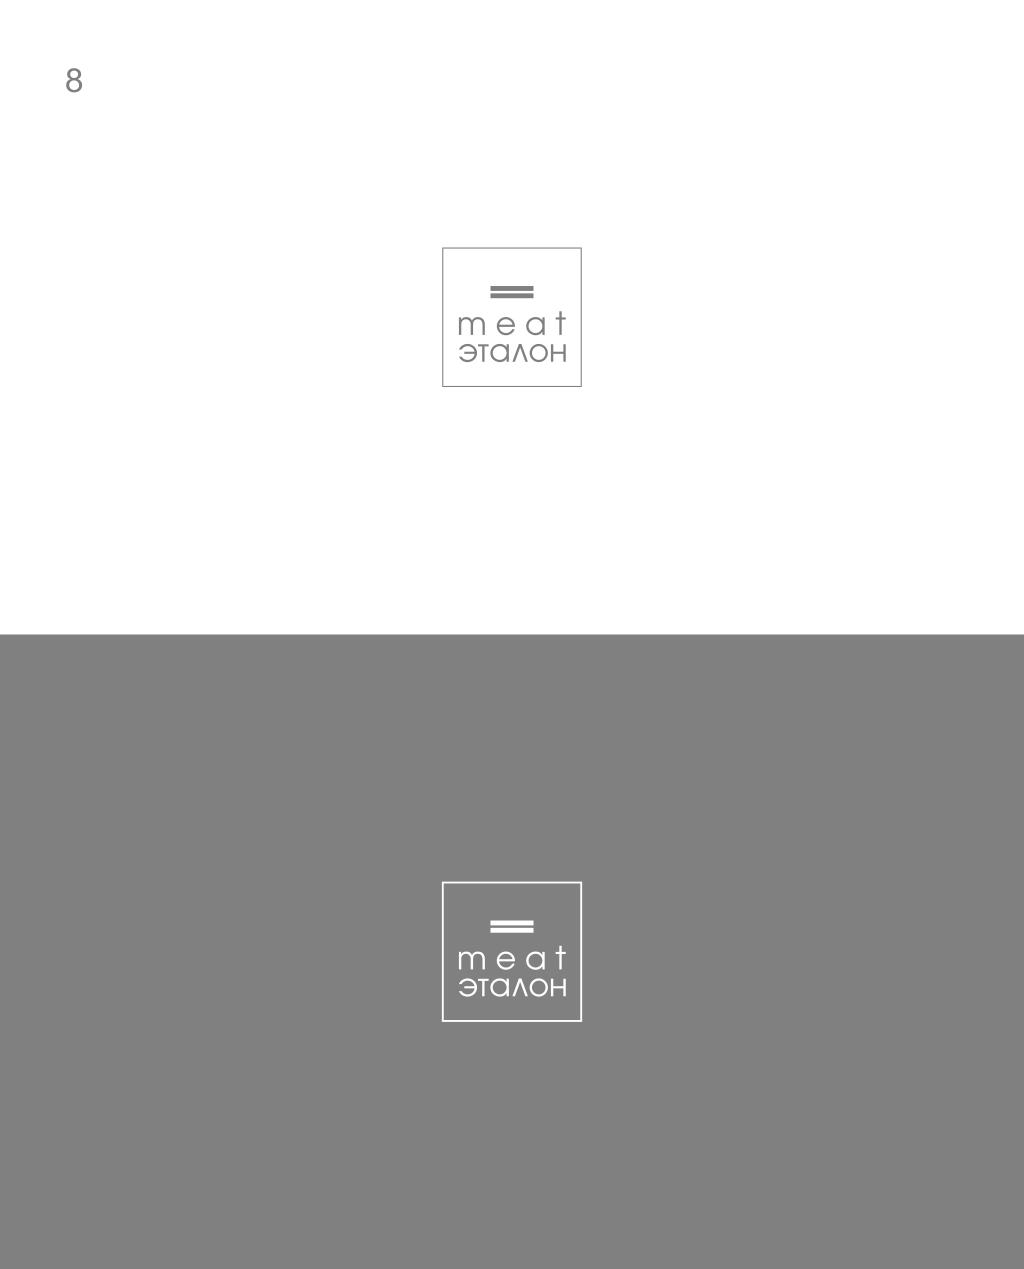 Логотип компании «Meat эталон» фото f_93257041c7b0ee60.jpg